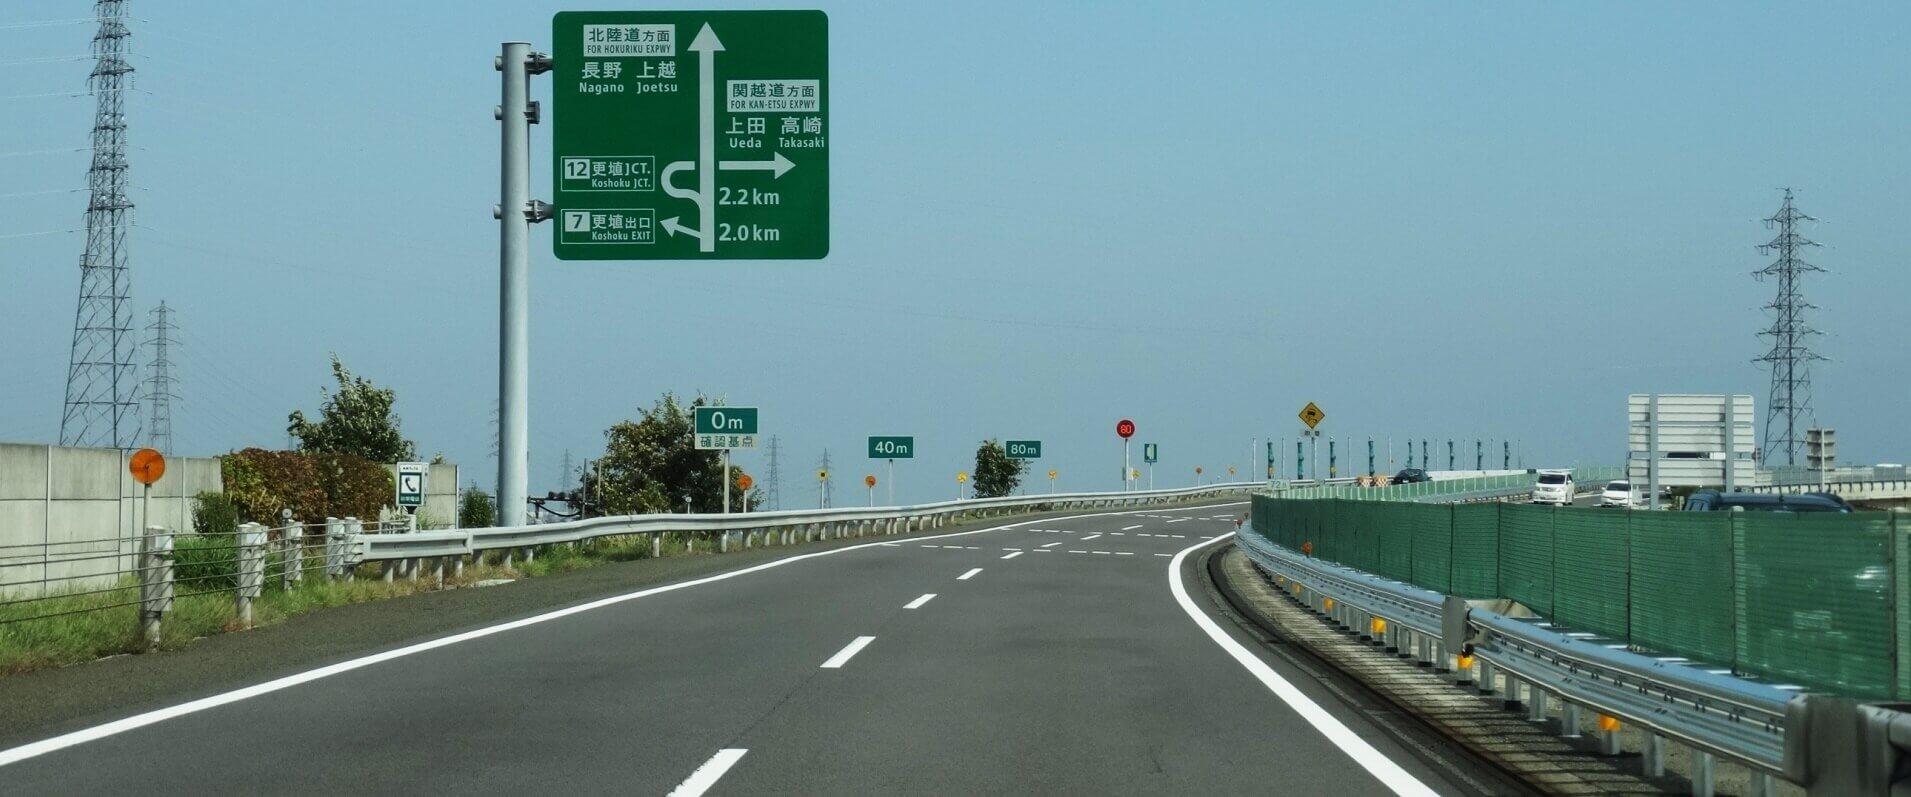 函館市から江別市までの道